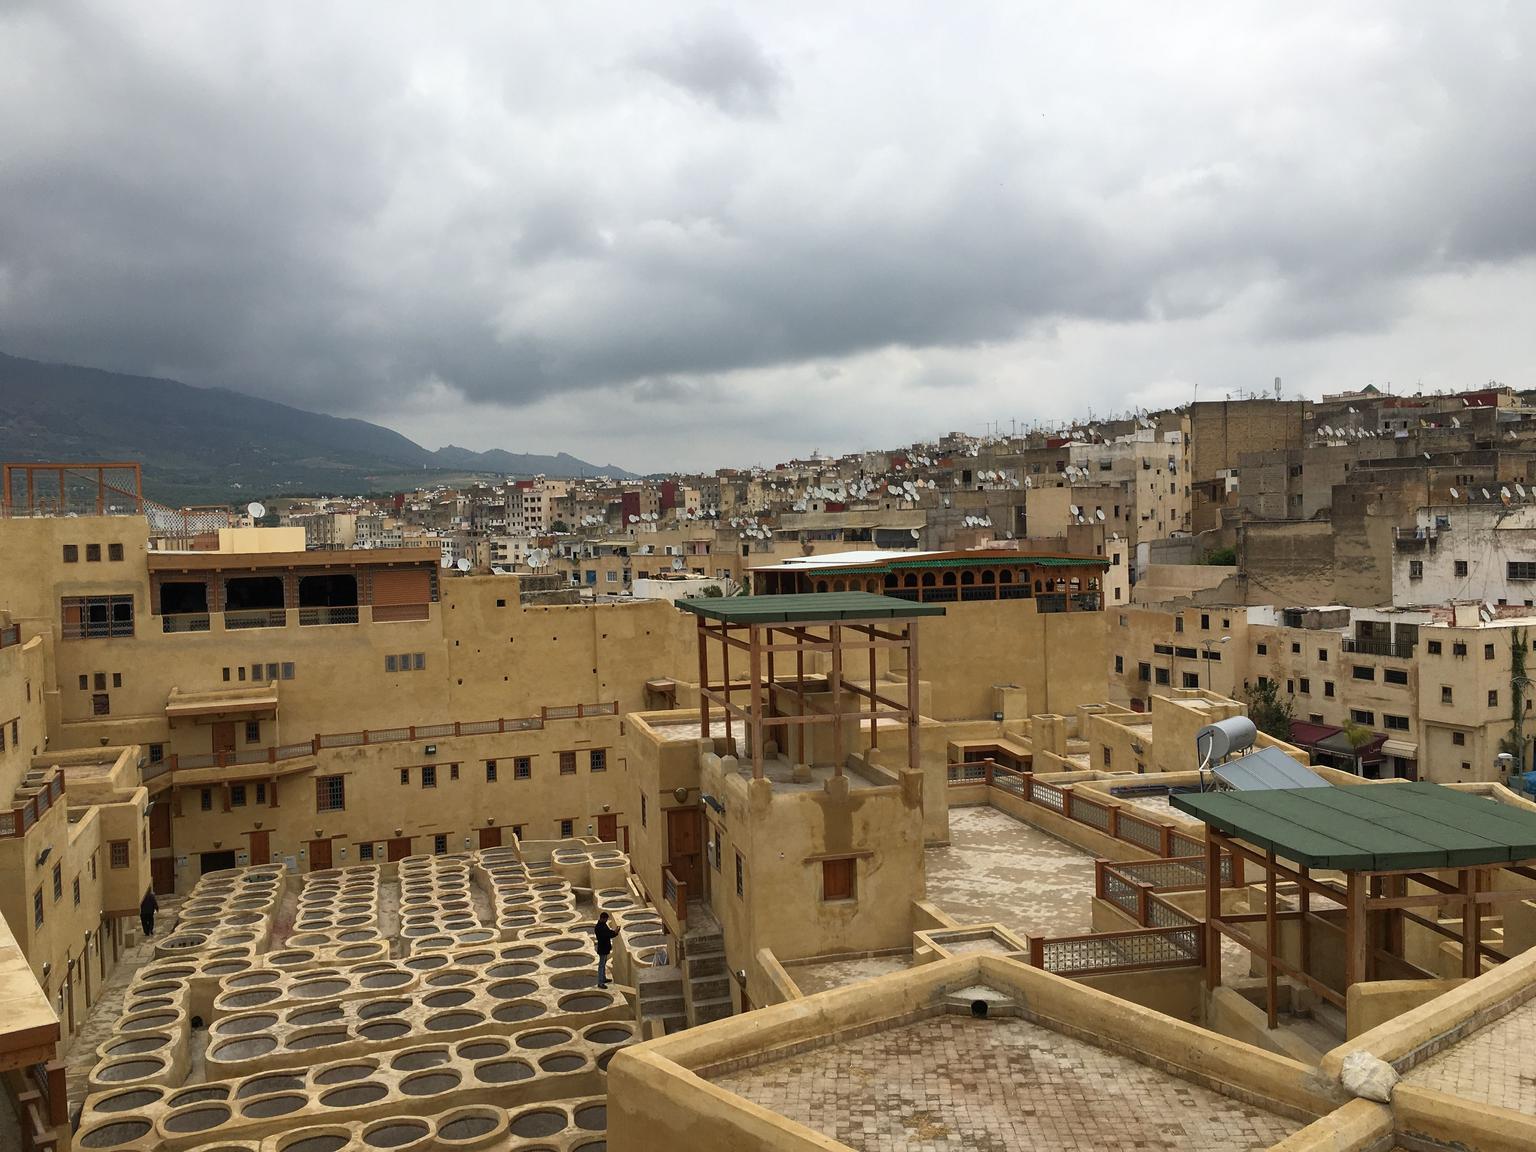 MÁS FOTOS, Visita a pie privada de 6 horas por la Medina de Fez